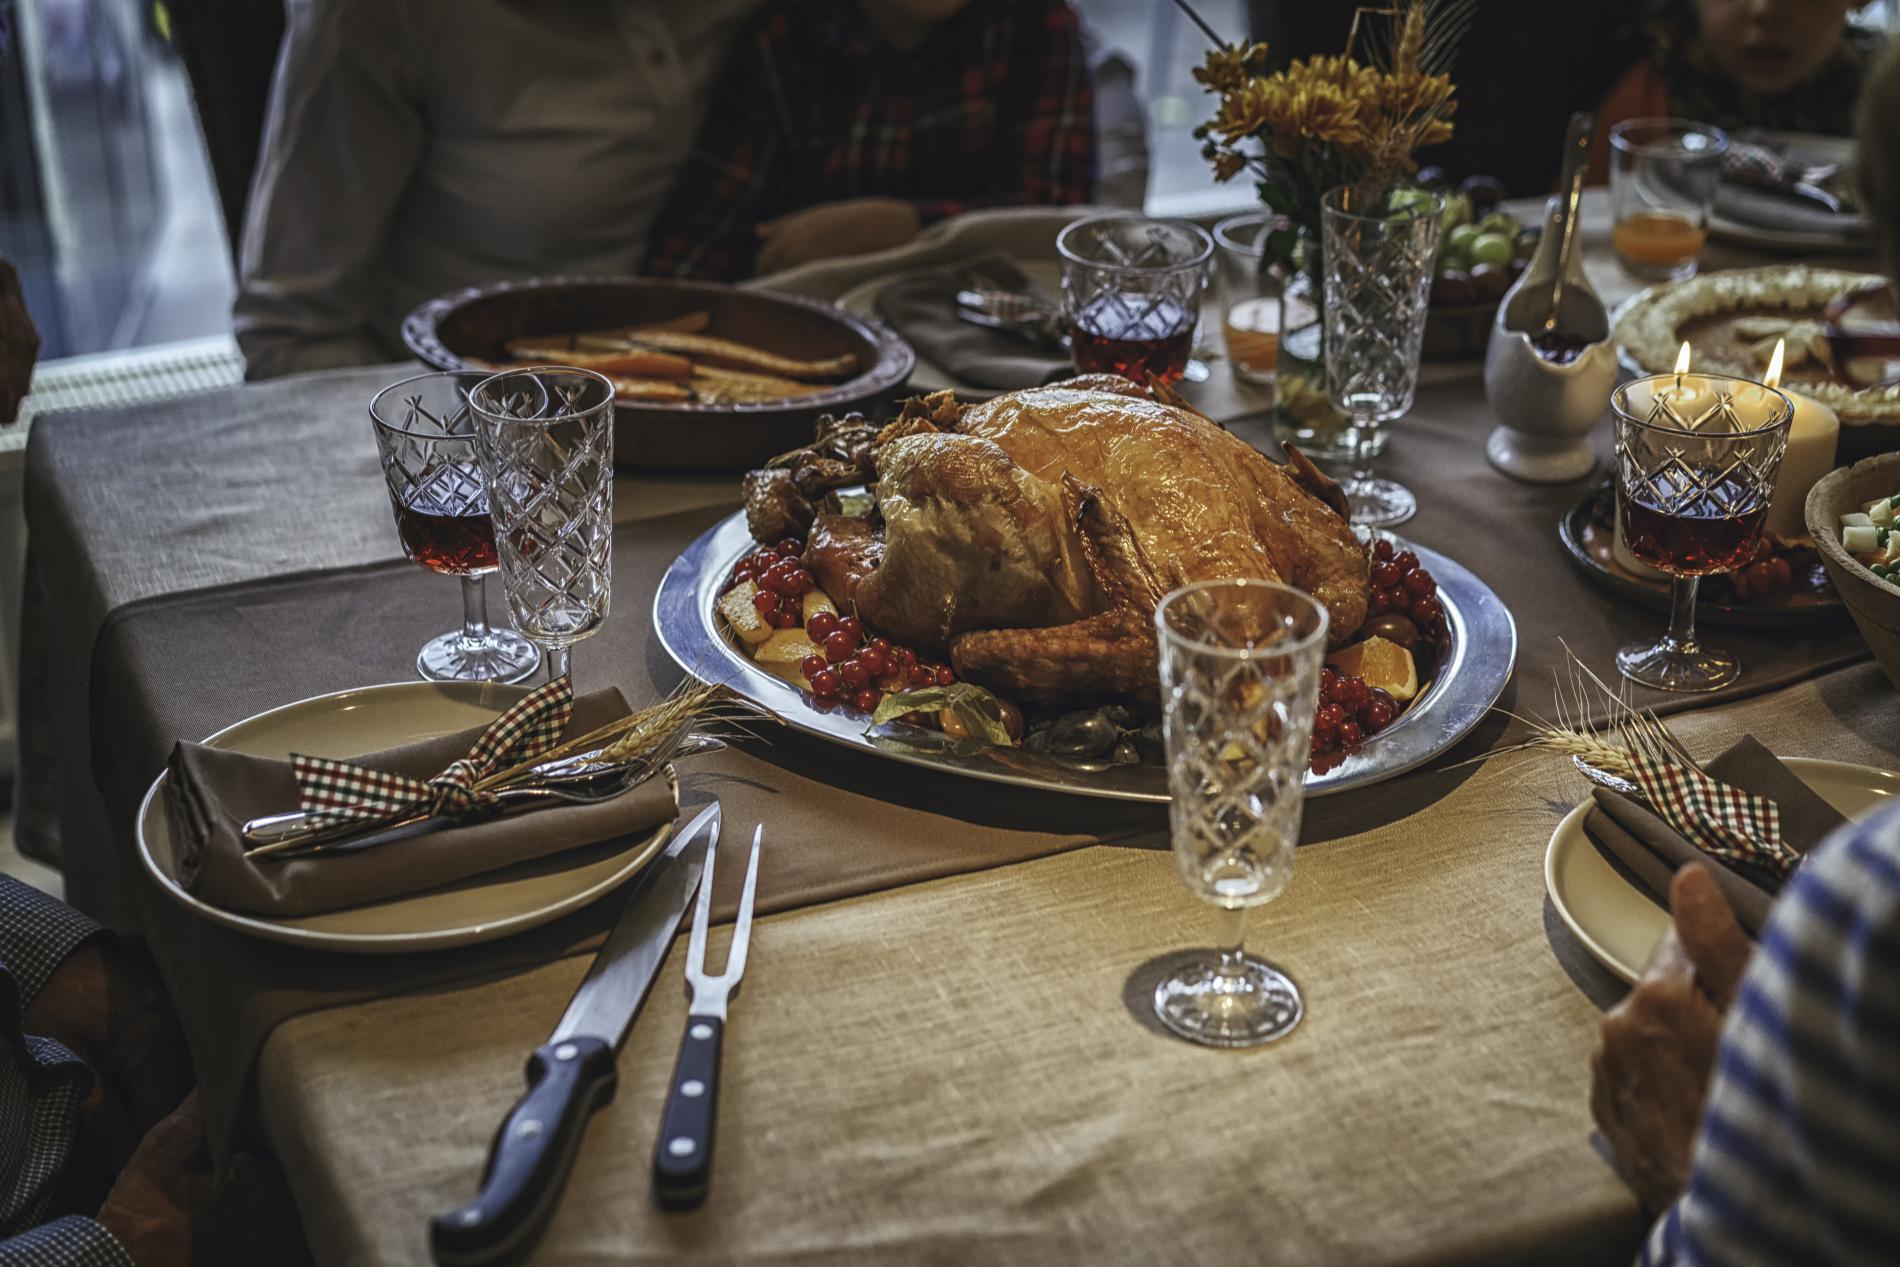 Menu Simple Repas De Noel.50 Recettes Traditionnelles Pour Un Repas De Noel Classique